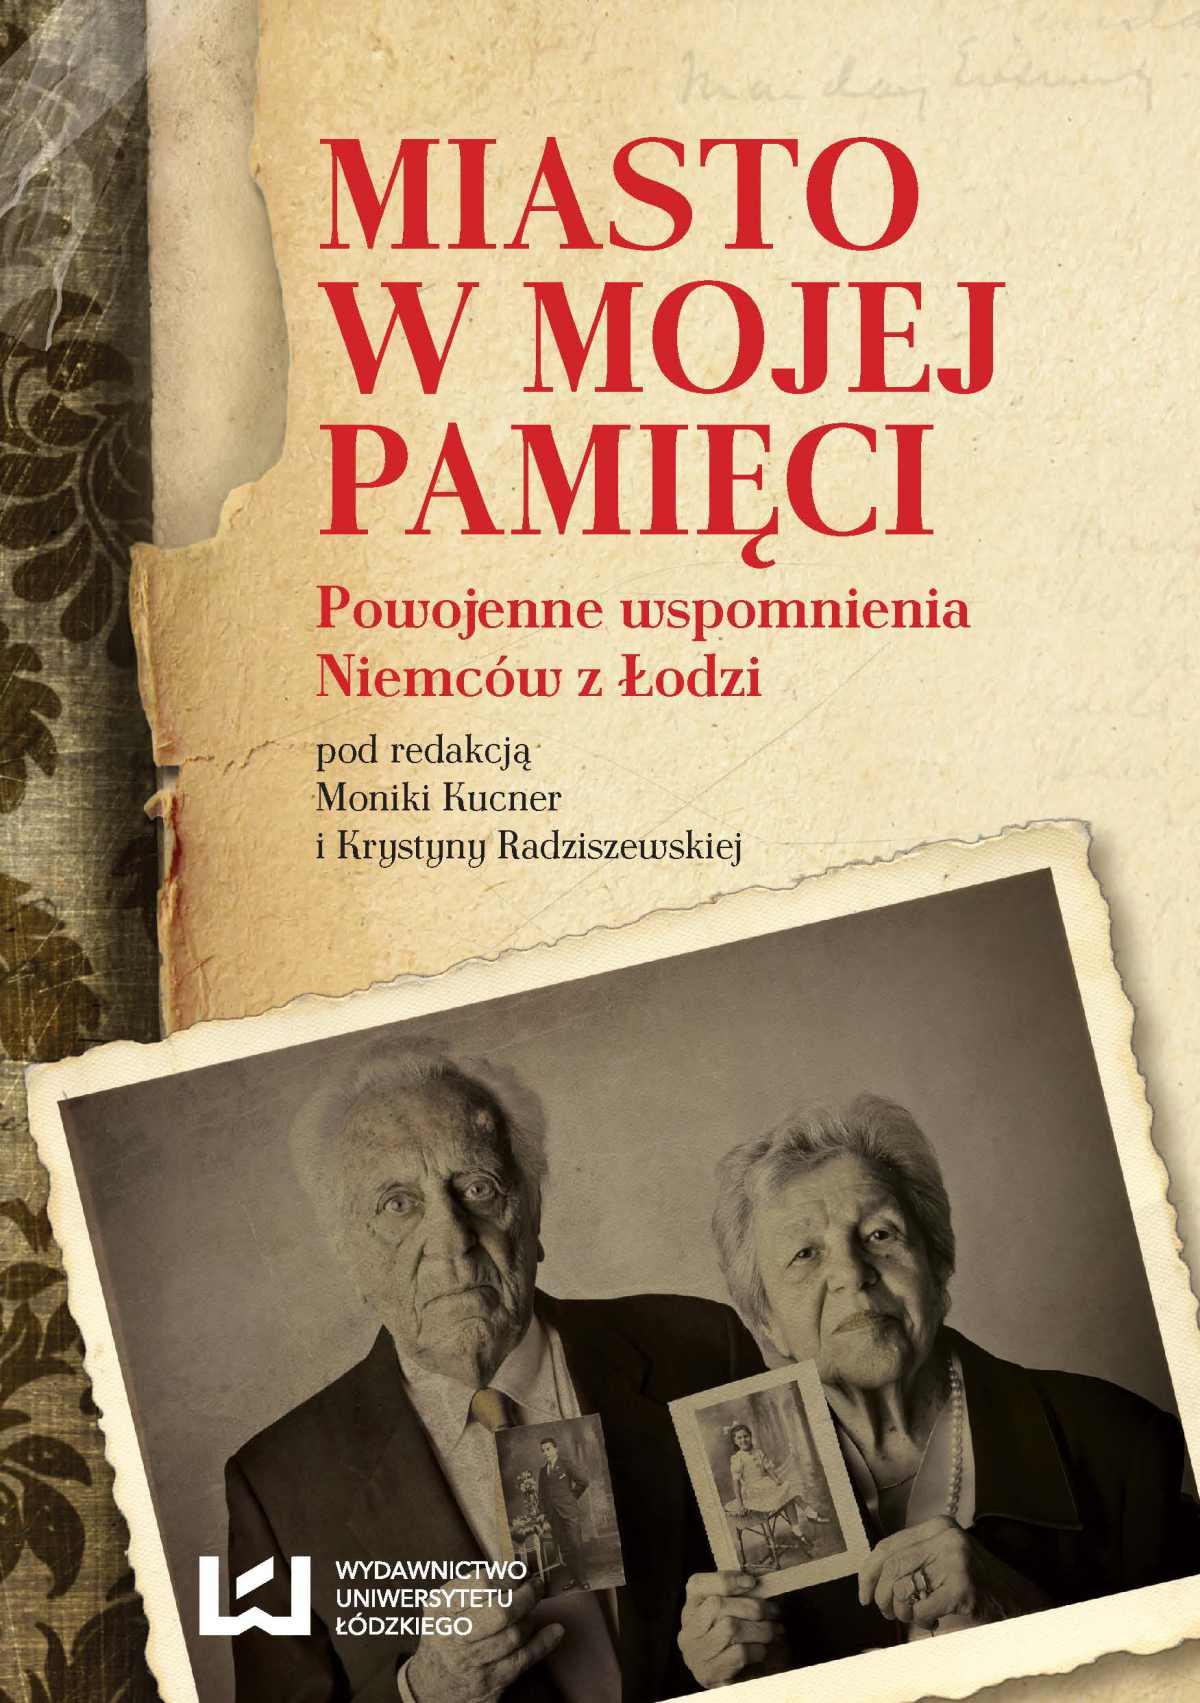 Miasto w mojej pamięci. Powojenne wspomnienia Niemców z Łodzi - Ebook (Książka PDF) do pobrania w formacie PDF